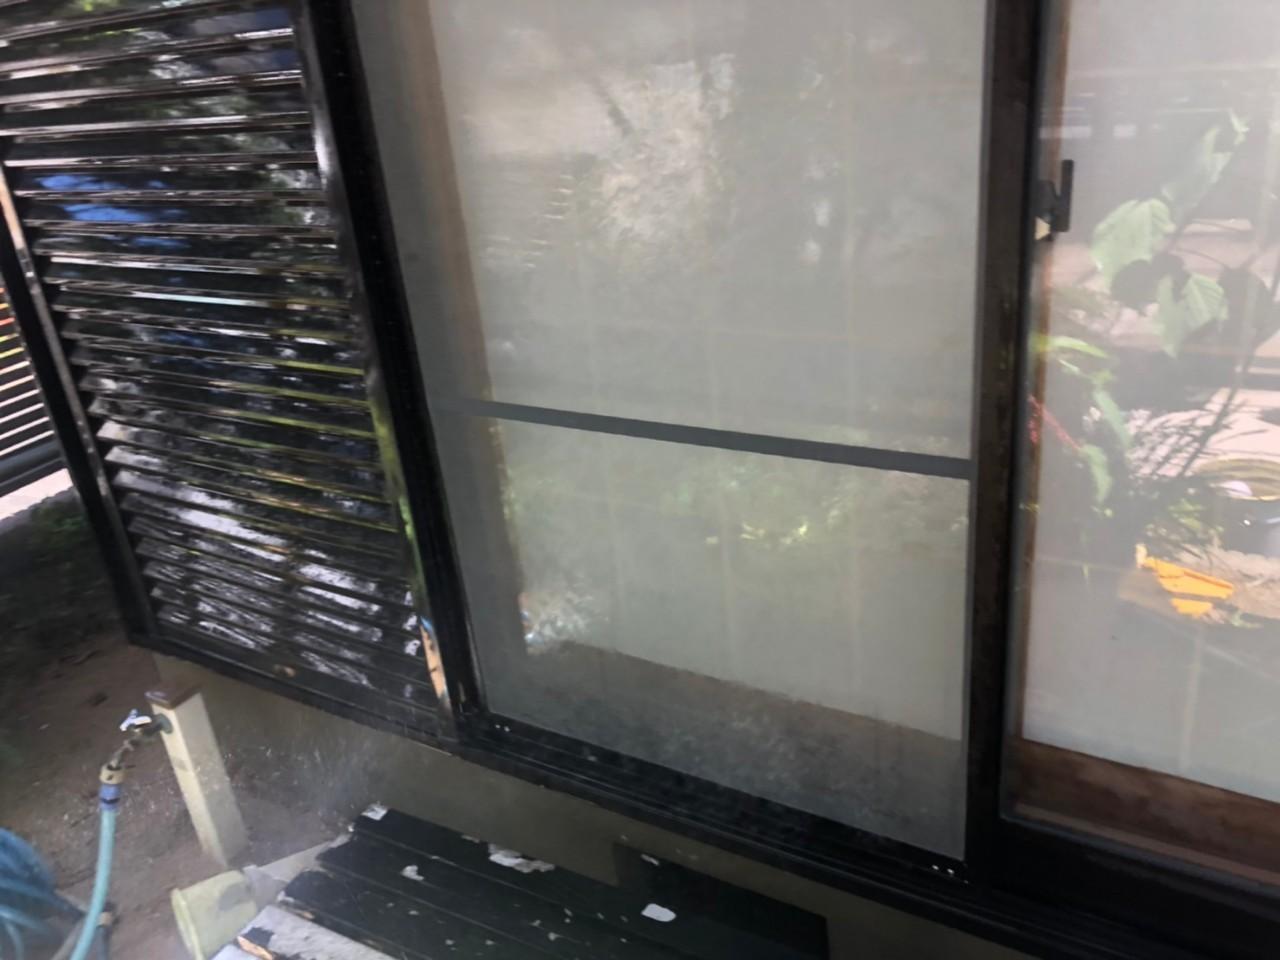 明石市での外壁塗り替えで高圧洗浄した雨戸の様子